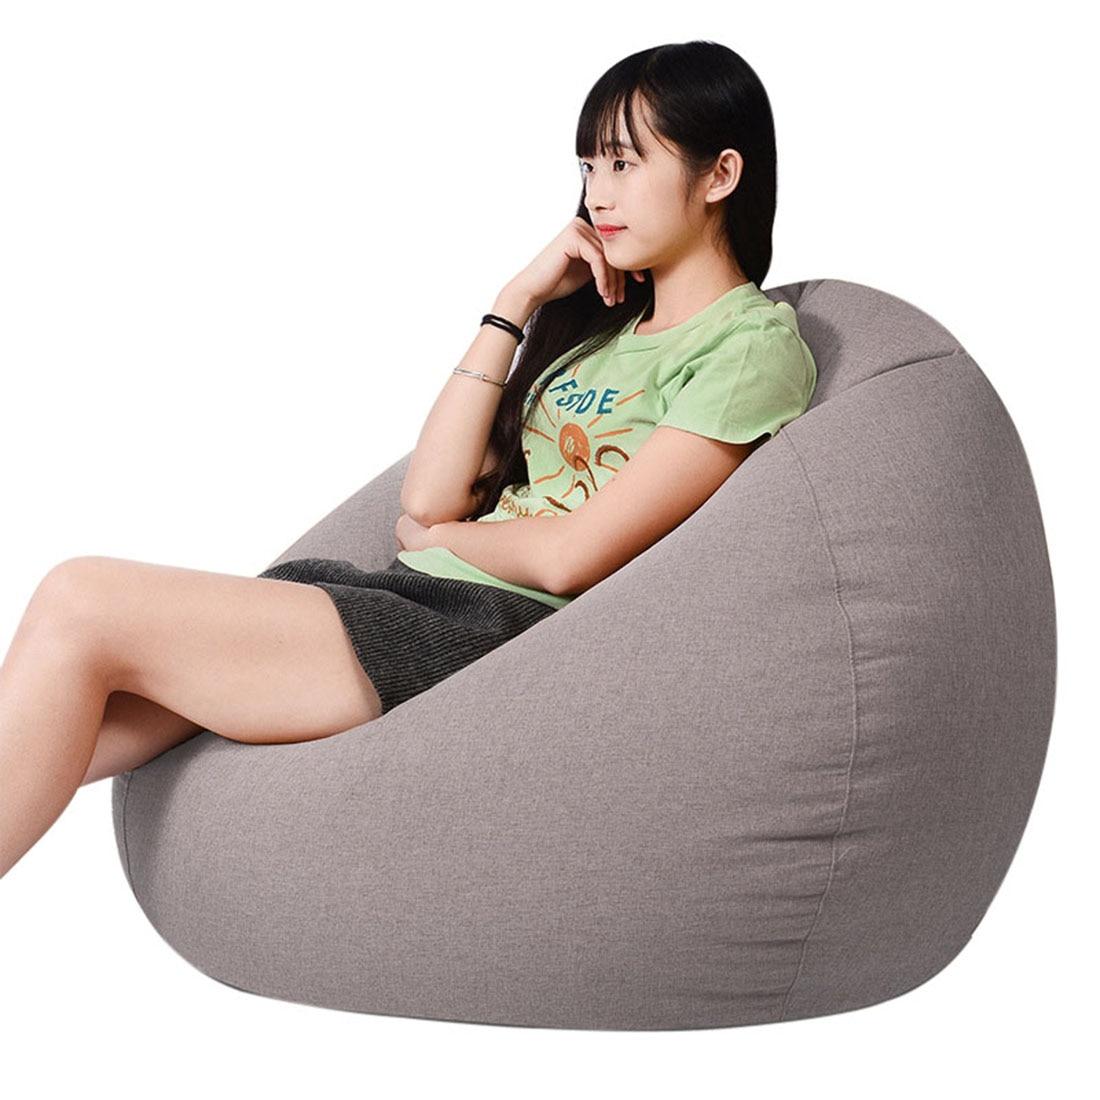 Salon fainéant sacs d'haricot canapés chaise adultes enfants pouf chaise canapés chambre paresseux canapés salon doux sacs d'haricot S/M/L